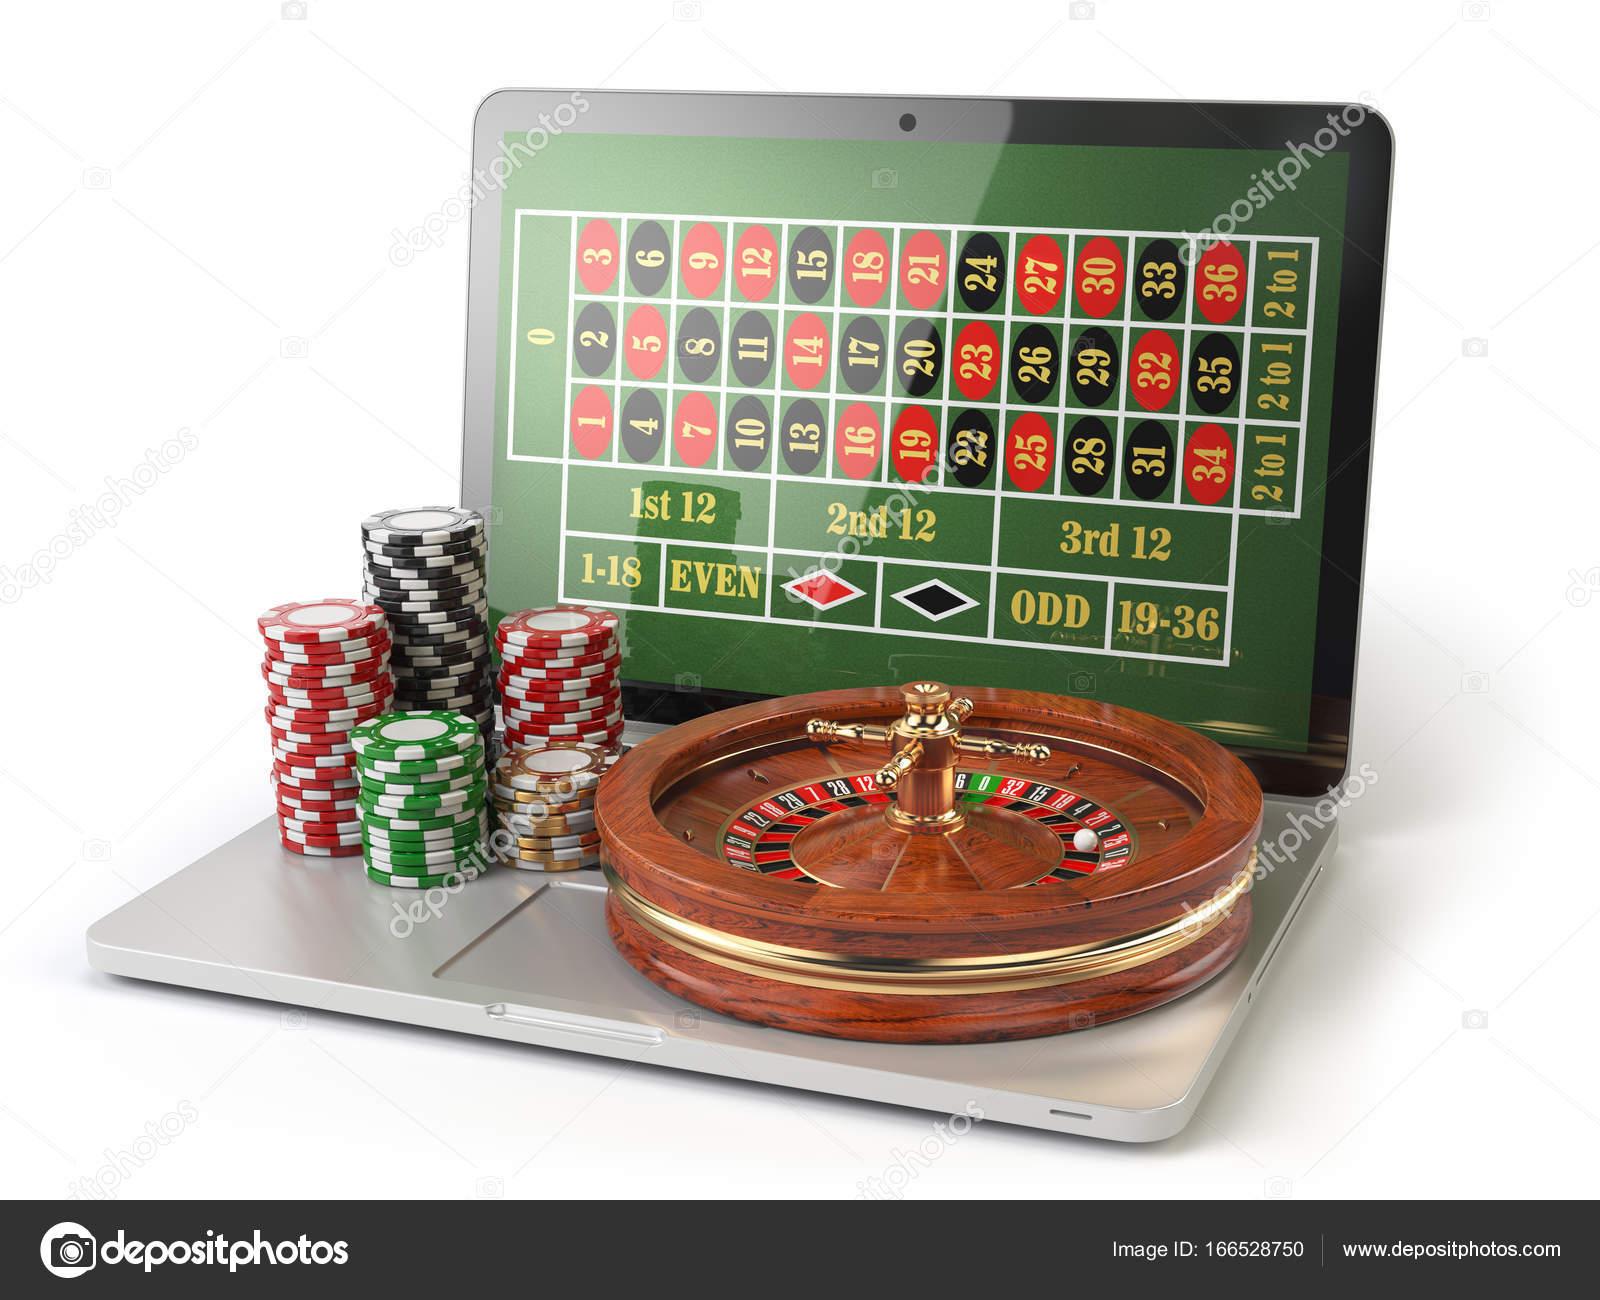 Минимальная ставка в казино 777 играть казино аппарат бесплатно